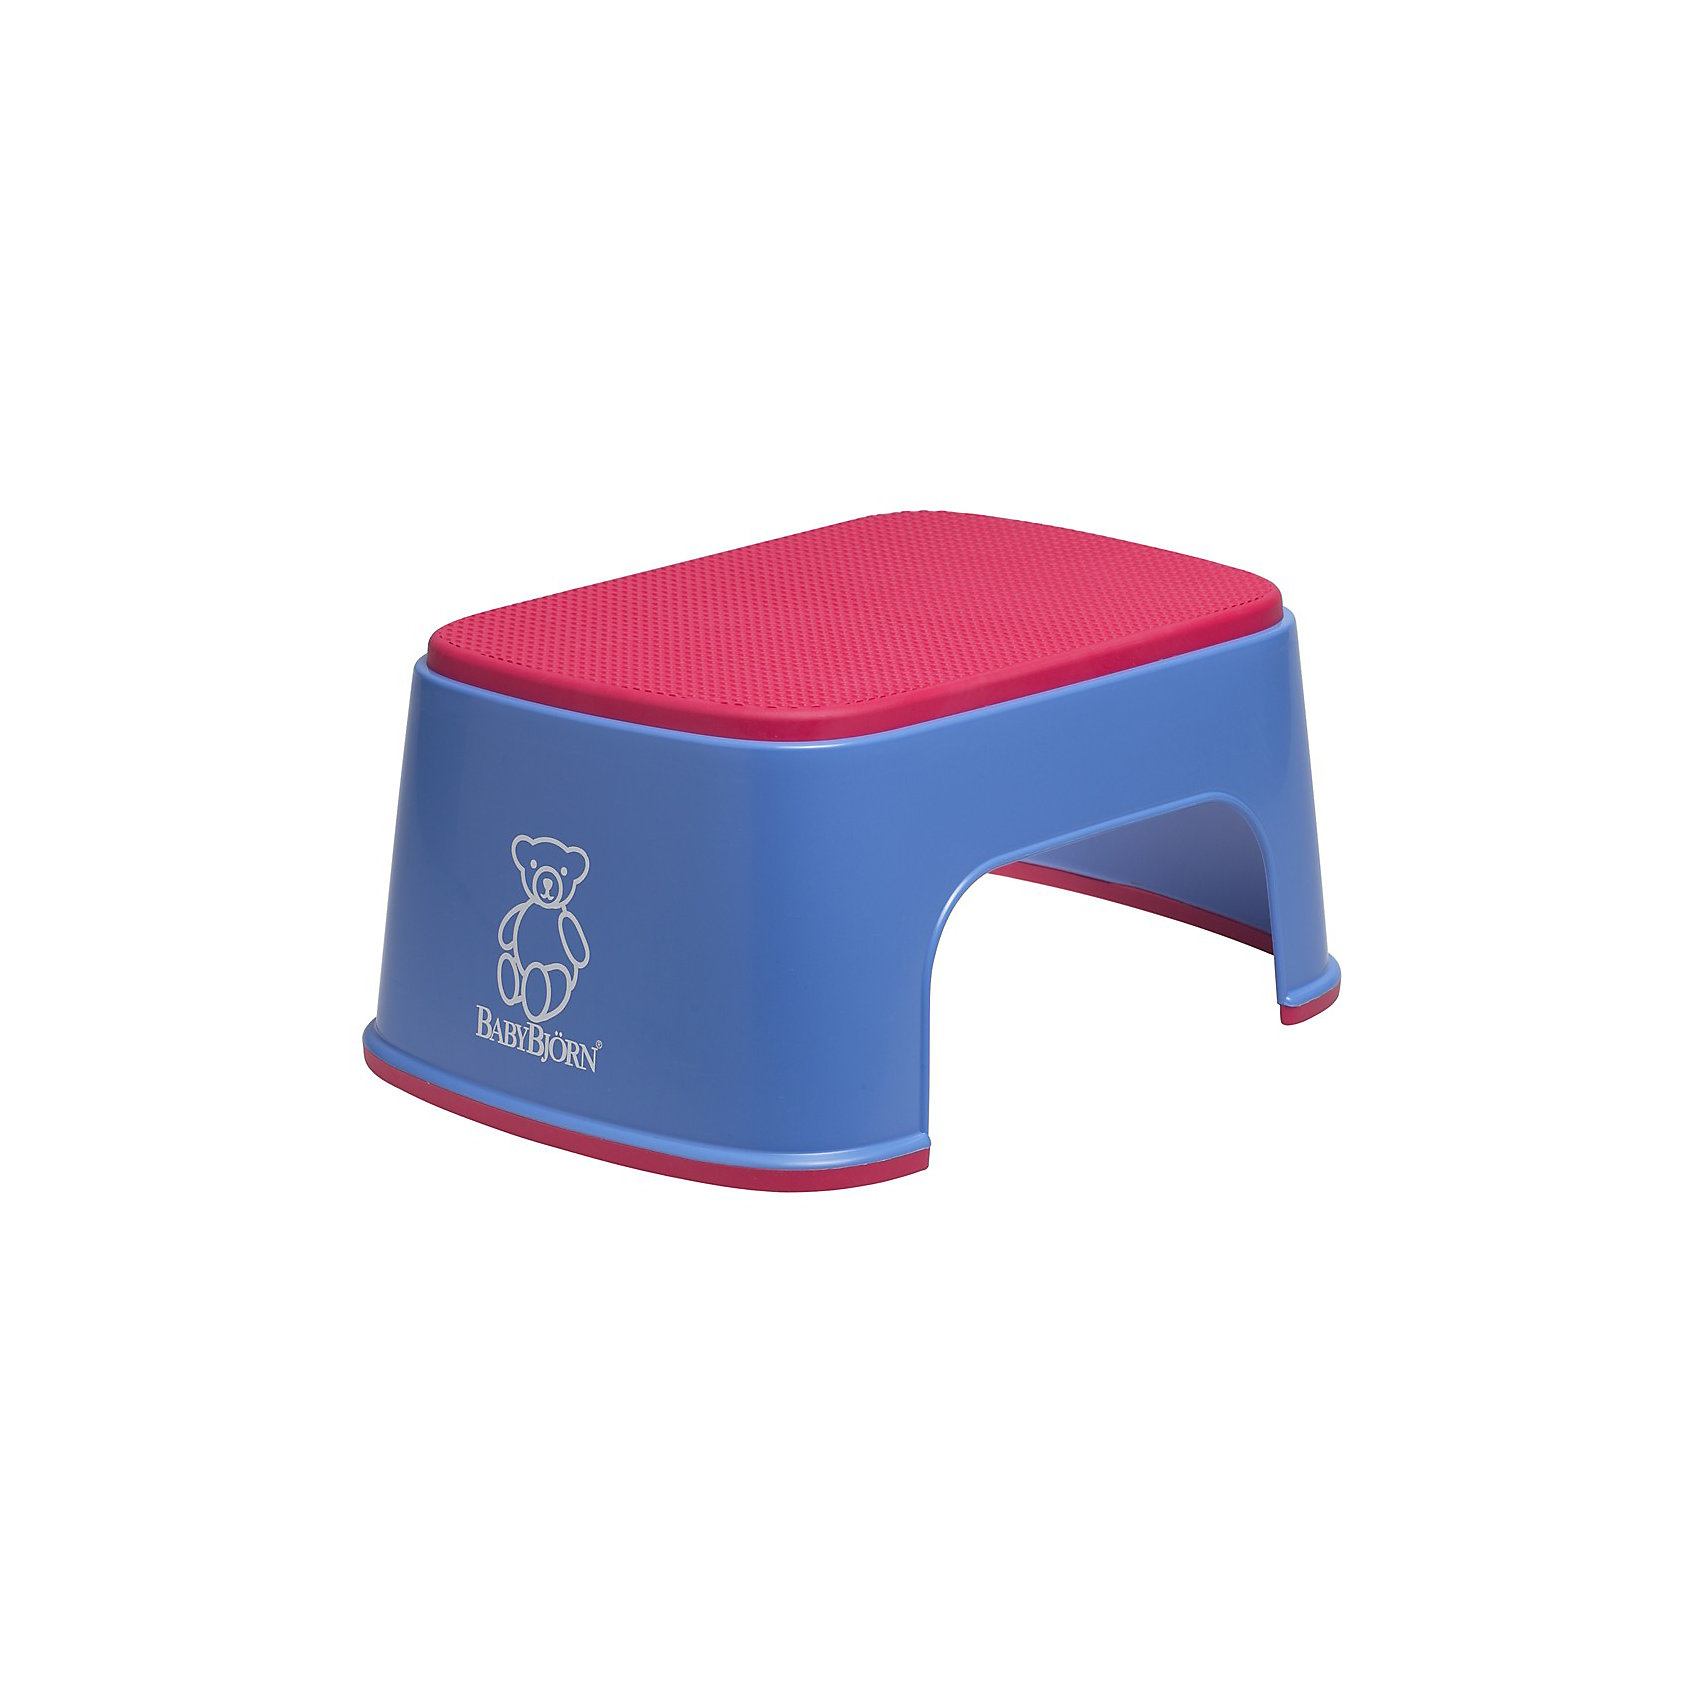 Стульчик-подставка BabyBjorn, синийСтульчик-подставка BabyBjorn (БэйбиБьёрн) - безопасный шаг наверх! <br><br>Со стульчиком-подставкой Ваш ребенок легко и спокойно  может почистить зубы или вымыть руки, не обращаясь к Вам за помощью. Резиновая поверхность стульчика-подставки создана для того, чтобы ребенок не поскользнулся, даже если его ножки мокрые. Надежная резиновая прокладка на основании предотвращает скольжение  подставки. <br>Стульчик легко содержать в чистоте - просто ополосните его под краном. <br>Широкая цветовая гамма дает возможность выбрать максимально подходящий для вашей ванной комнаты цвет.<br><br>Дополнительная информация:<br><br>- Размер: 35 х 24 х 15 см. <br>- Материал: пластик, резина.<br>- Максимальный вес для BABYBJ?RN Стульчика–подставки не установлен. Изделие предназначено для детей. BABYBJ?RN Стульчик–подставка достаточно прочен, чтобы выдержать взрослого, но он  однозначно рассчитан на детей.<br><br>Стульчик-подставку BabyBjorn синего цвета можно купить в нашем интернет-магазине.<br><br>Ширина мм: 350<br>Глубина мм: 240<br>Высота мм: 160<br>Вес г: 570<br>Возраст от месяцев: 12<br>Возраст до месяцев: 48<br>Пол: Унисекс<br>Возраст: Детский<br>SKU: 1571395